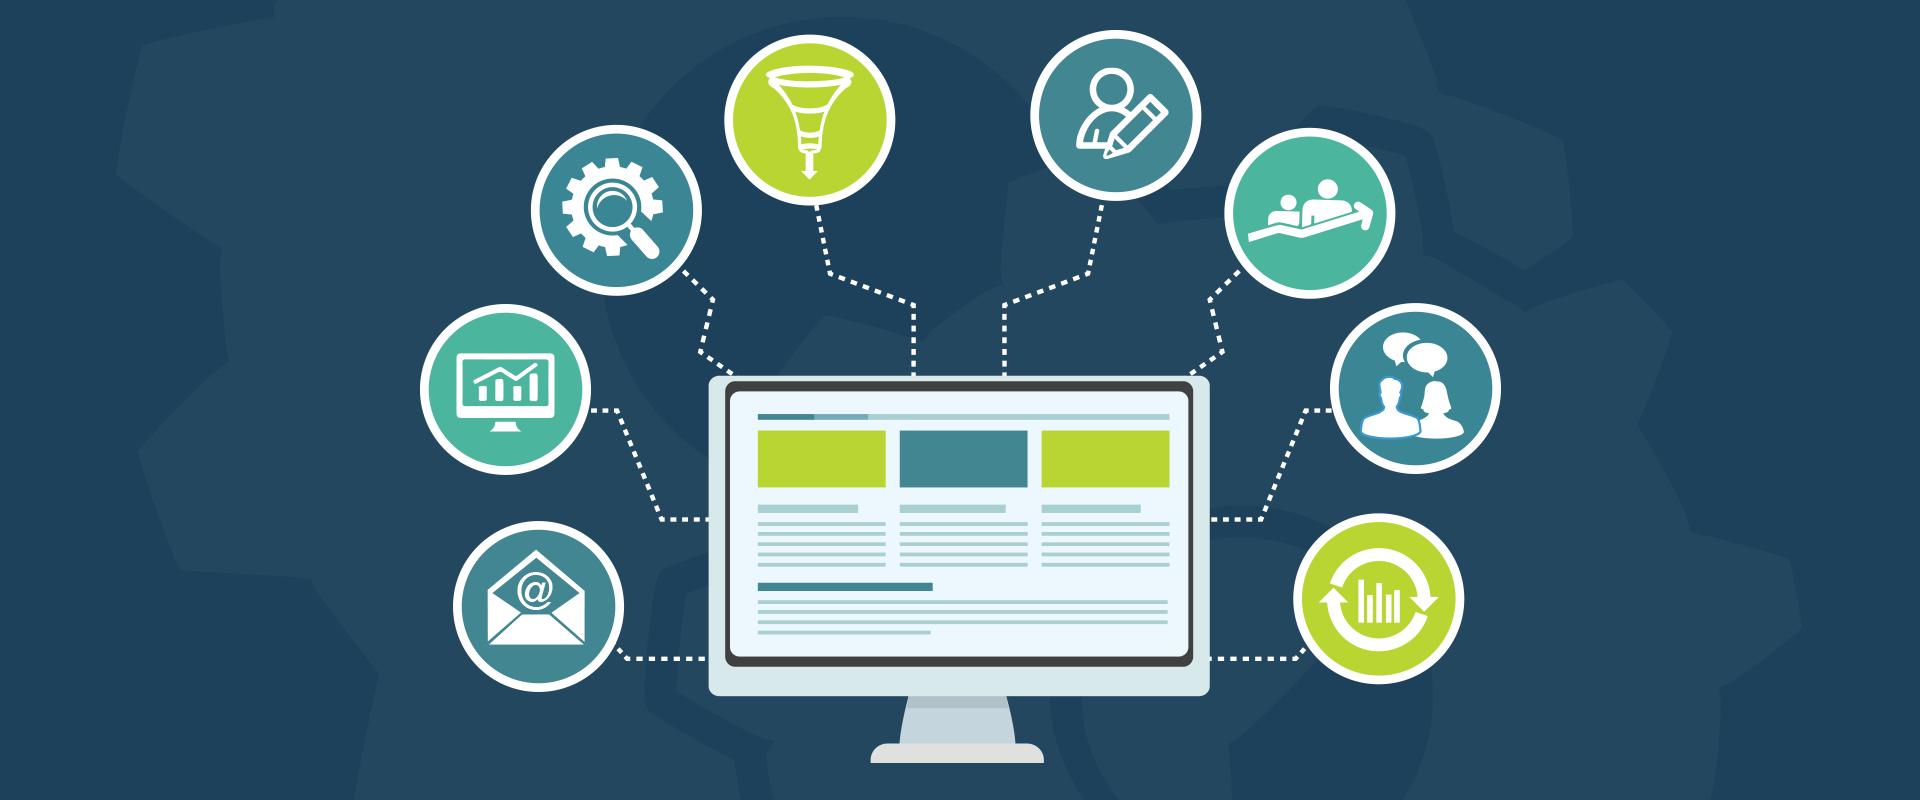 تکنیک های بازاریابی دیجیتال | بهترین ابزار دیجیتال مارکتینگ